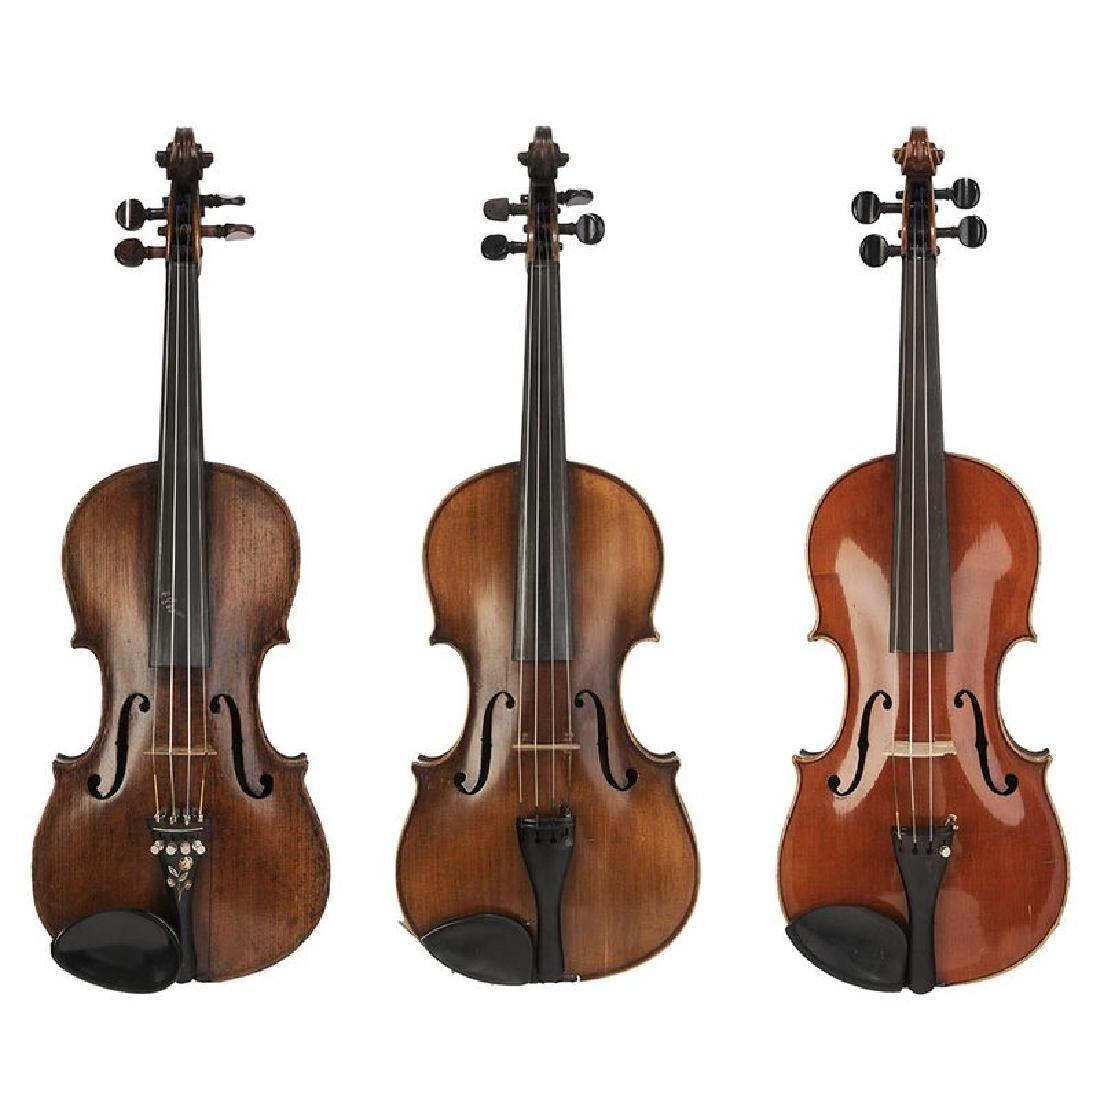 Three Vintage Violins in Cases